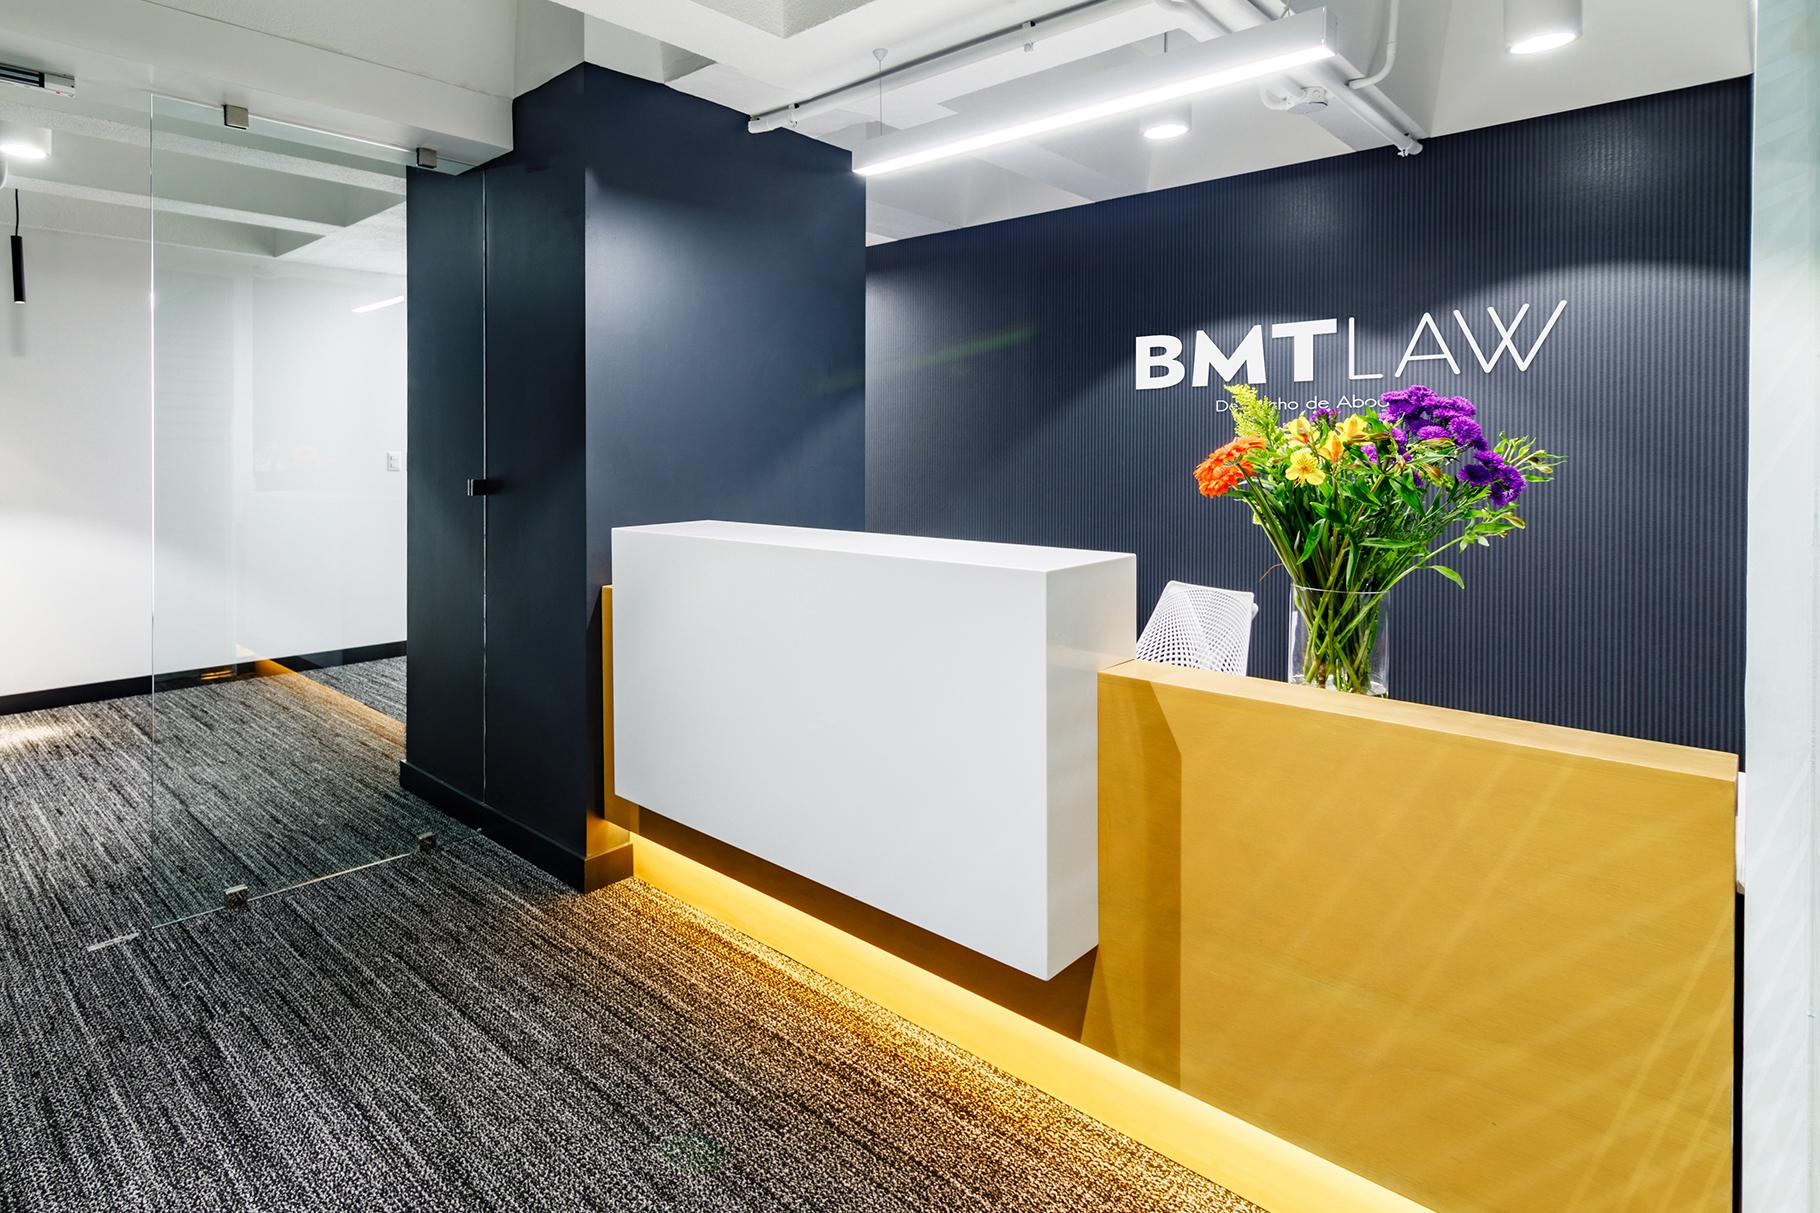 Recepción BMT LAW